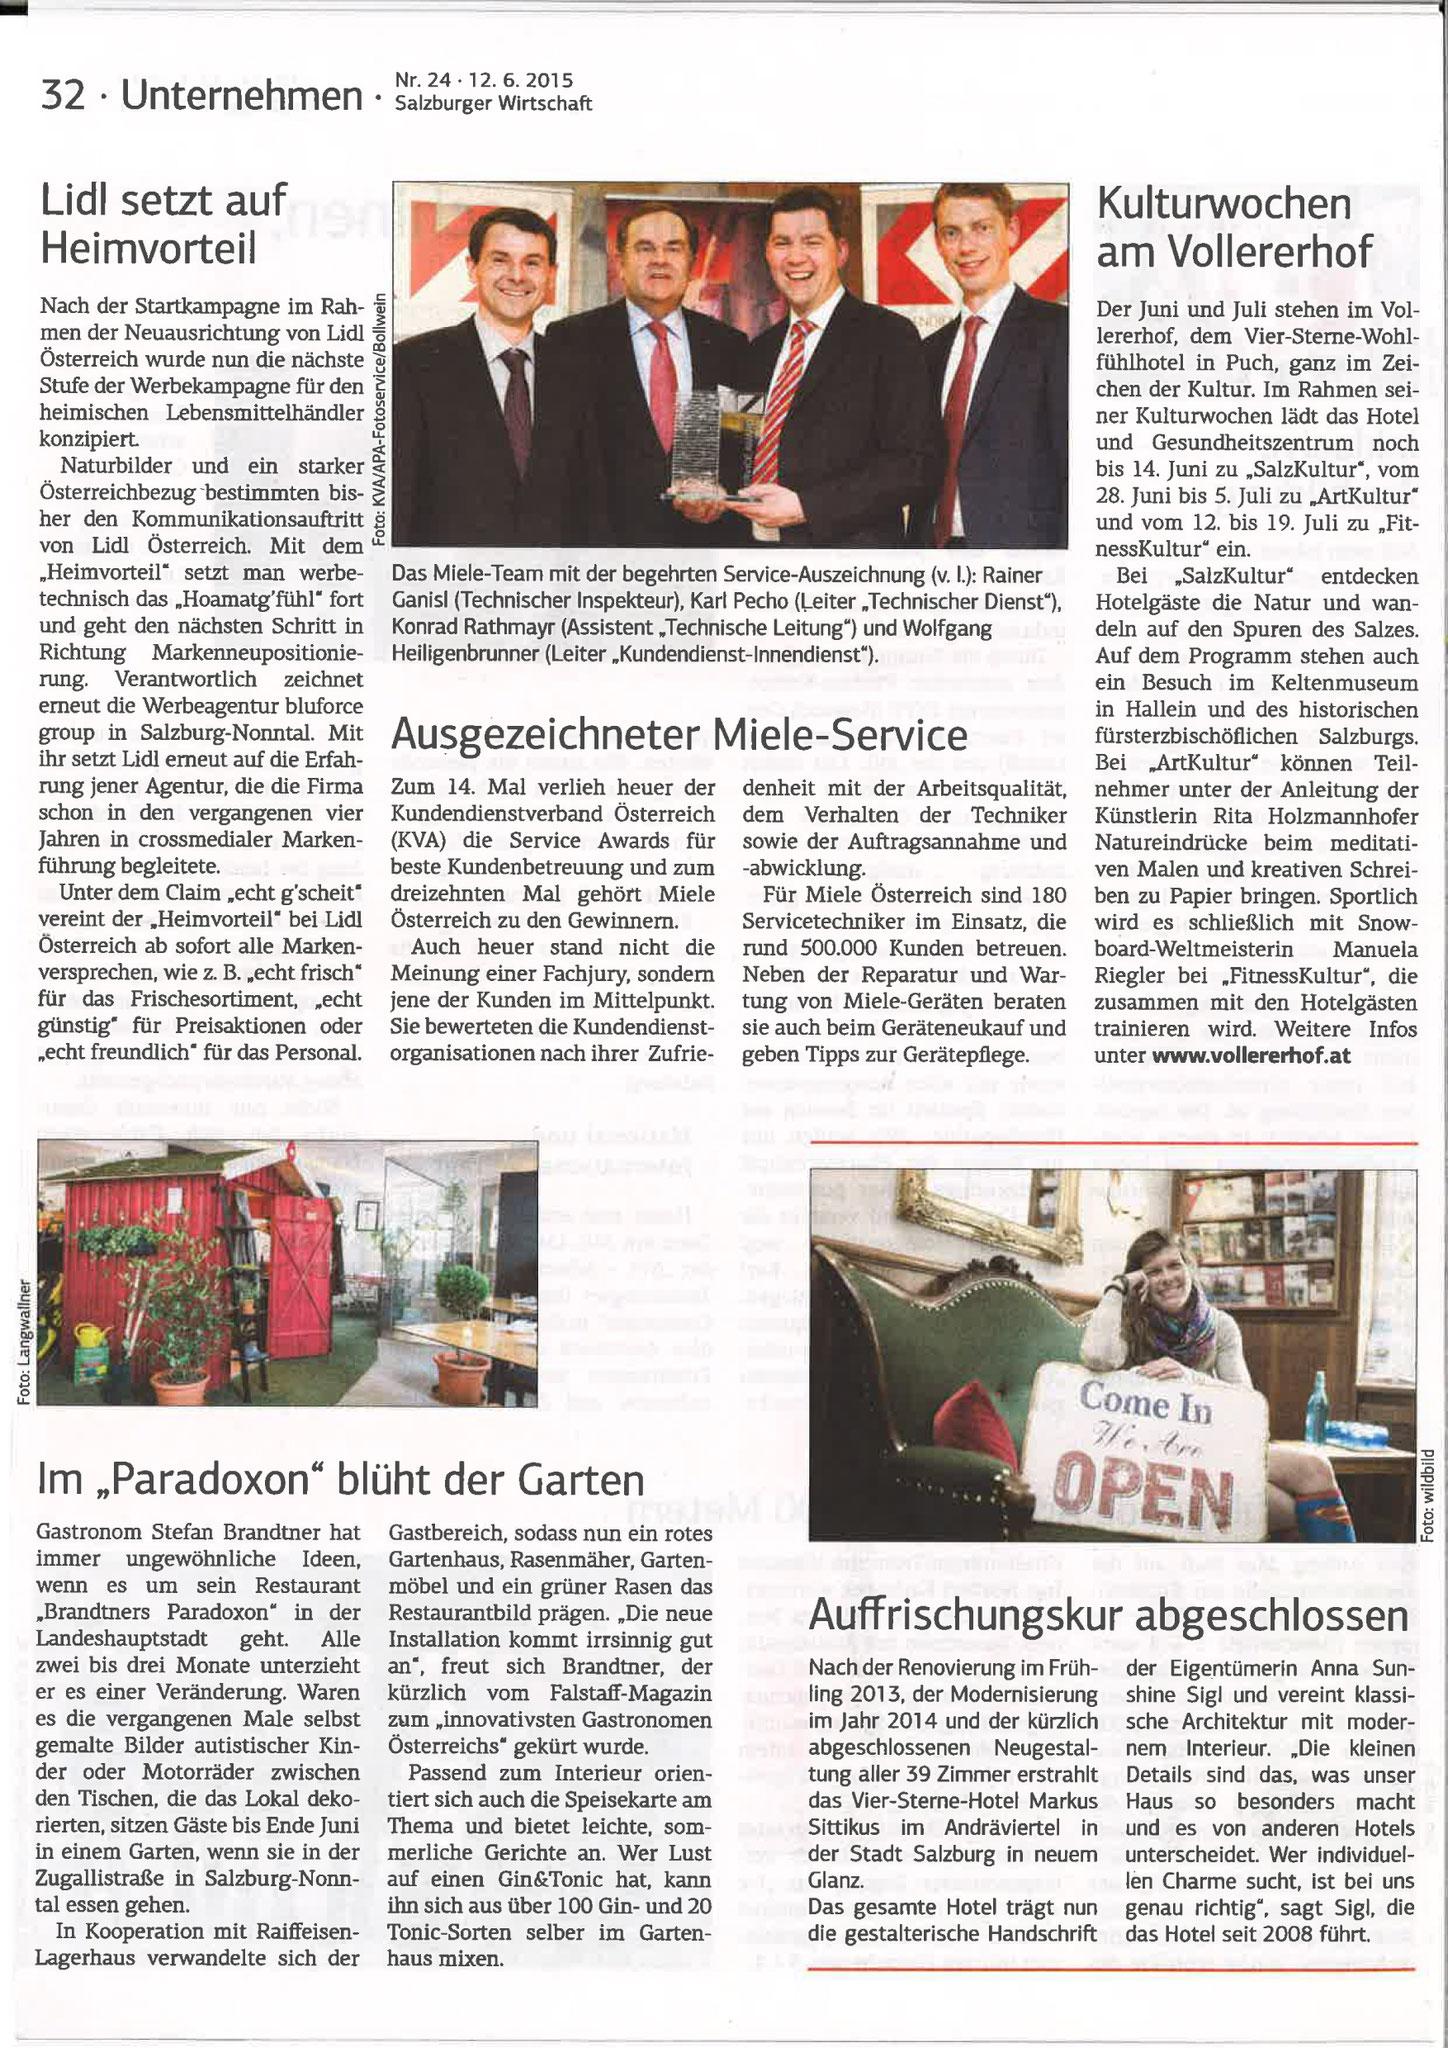 Salzburger Wirtschaft, 12. Juni 2015